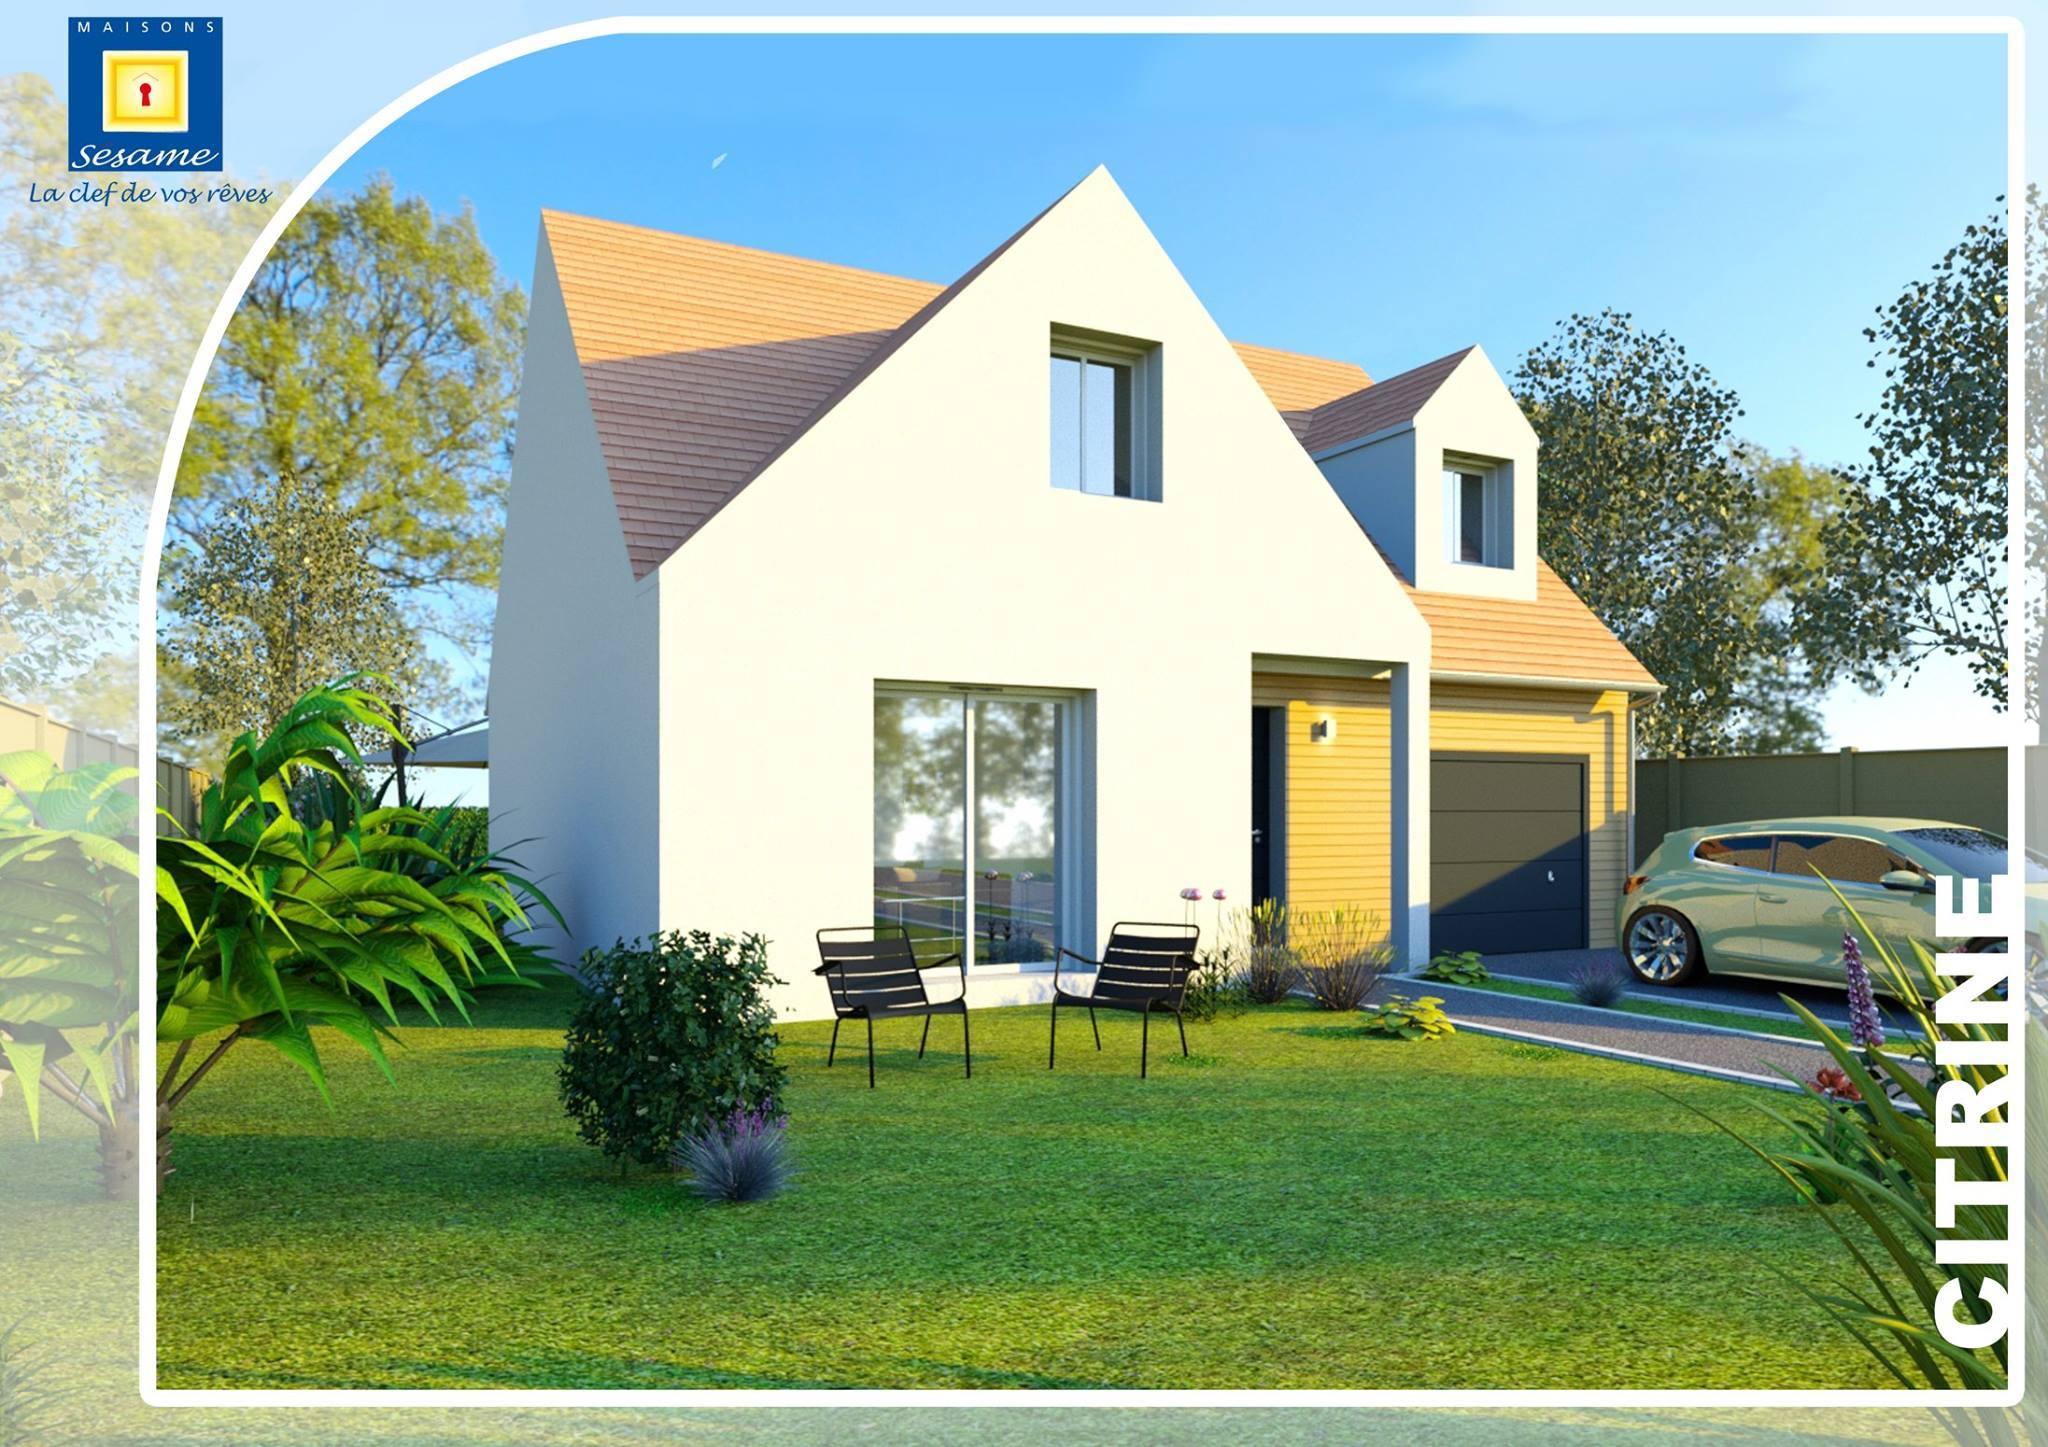 Mod le citrine de maisons s same une maison moderne avec for Modele de maison a construire gratuit